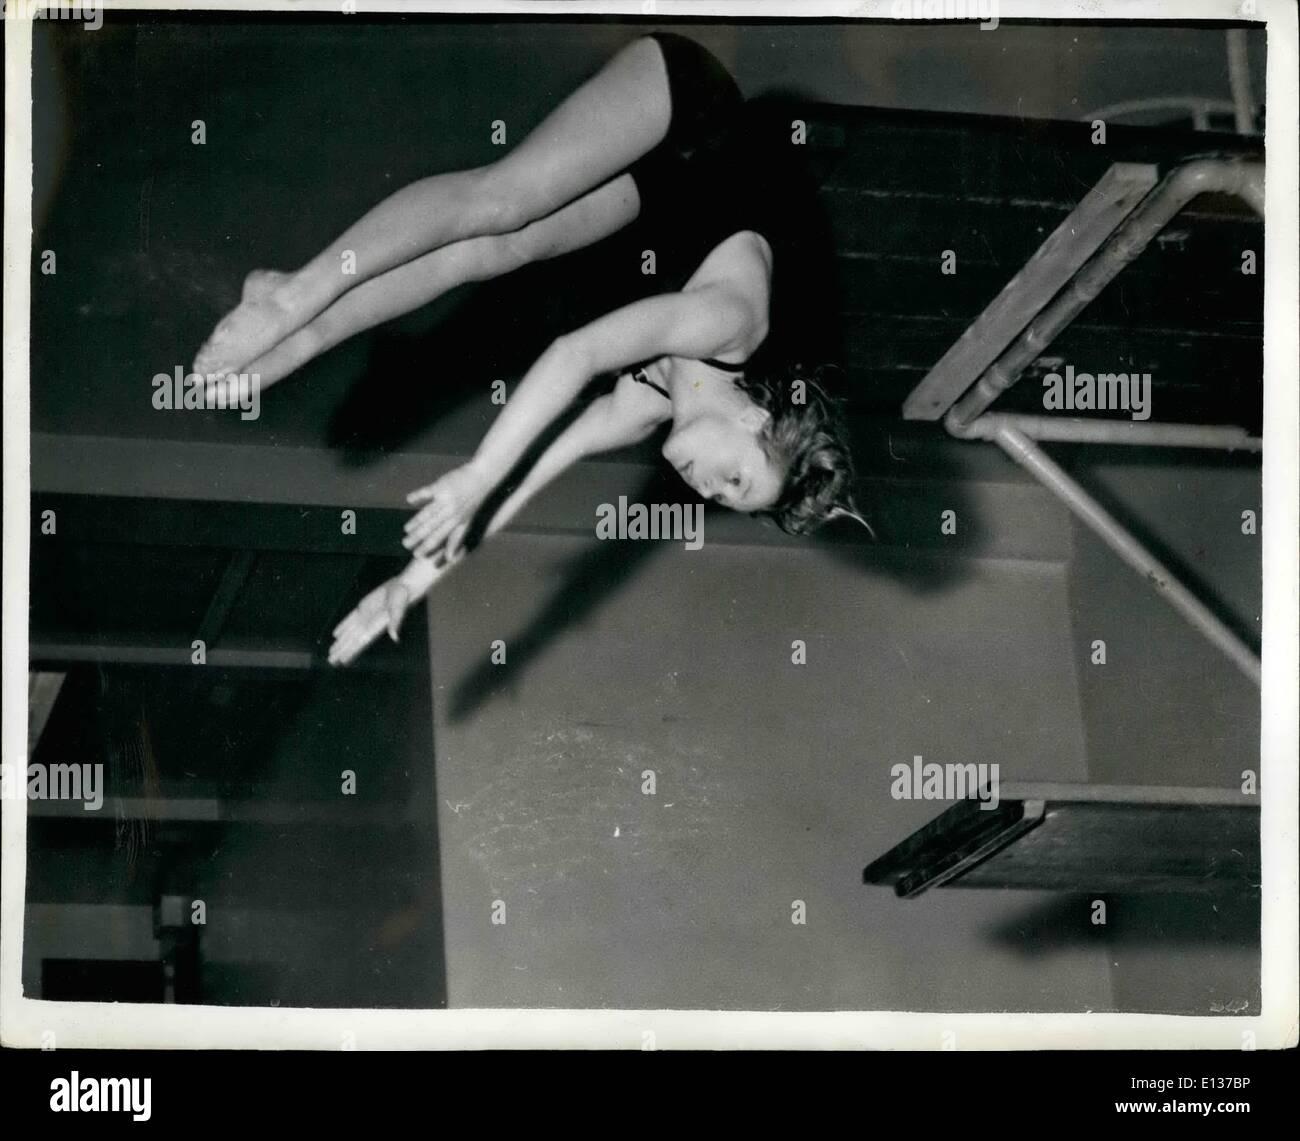 29 février 2012 - Treize ans Margaret pour représenter la Grande-Bretagne. Elle est une plongée Olympique espère.: Margaret 13 ans Austen de Kenton, Middlesex - appris hier qu'elle avait été choisi de plonger pour la Grande-Bretagne contre l'Allemagne à Leipzig les 11 et 12 juin. Margaret qui n'est que de 4 ft. 10. in. de hauteur - Plongée à partir du conseil de 10 mètres de haut. Être choisi pour ce concours met en ligne comme Margaret possible pour les Jeux Olympiques. Photo montre Margaret Auston plongée dans l'eau au cours de la formation à la quincaillerie des bains Road Londres ce matin. Photo Stock